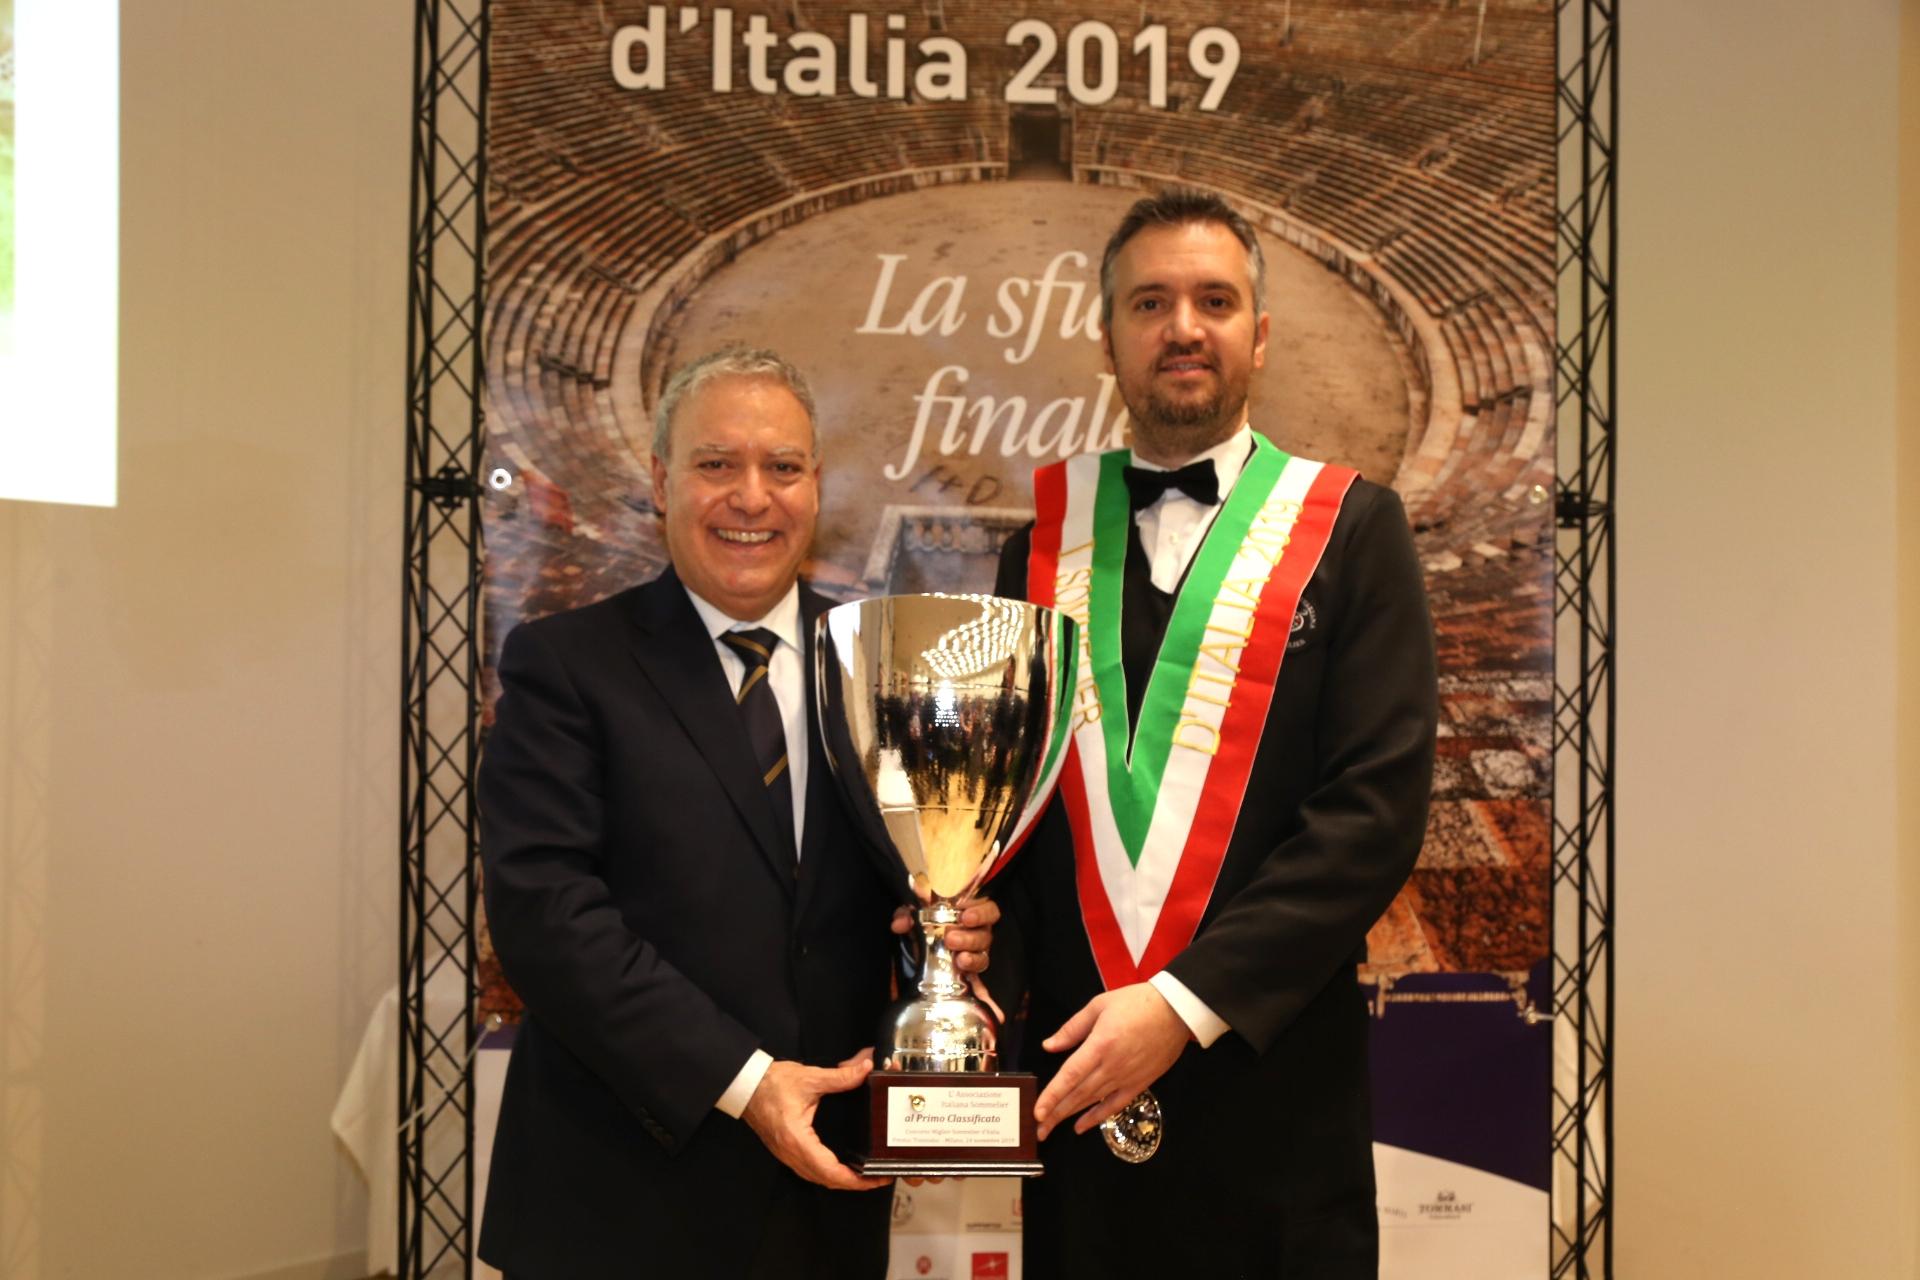 È Valentino Tesi il primo sommelier d'Italia 2019